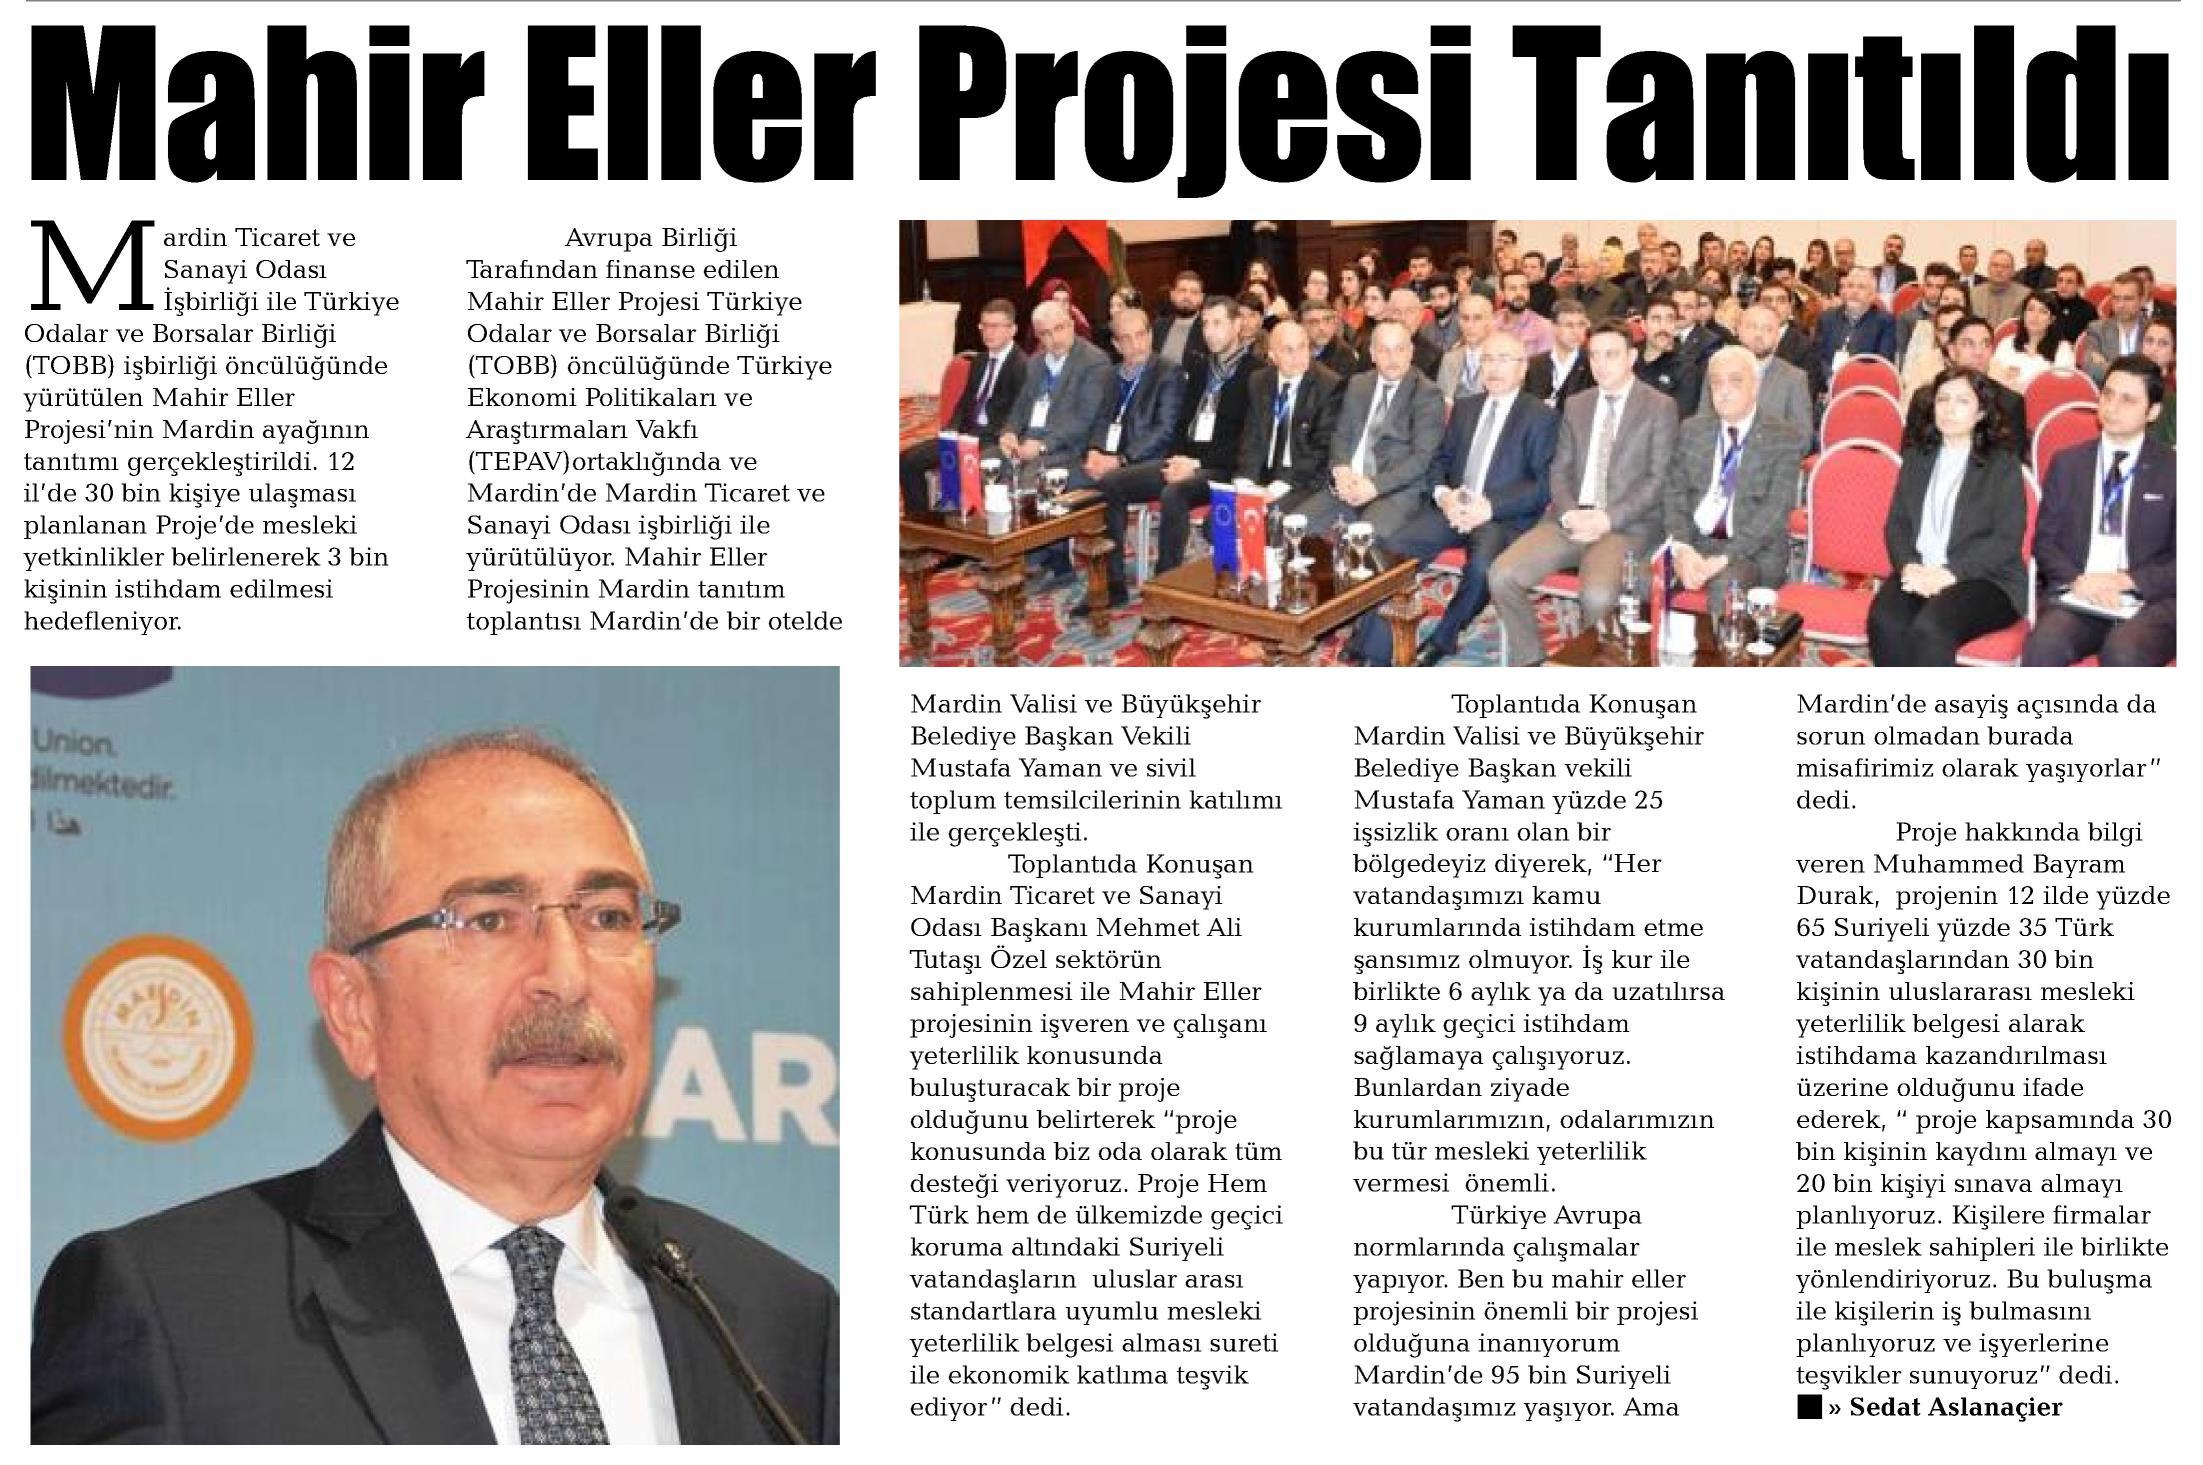 Mahir Eller Projesi Tanıtıldı Mardin İletişim